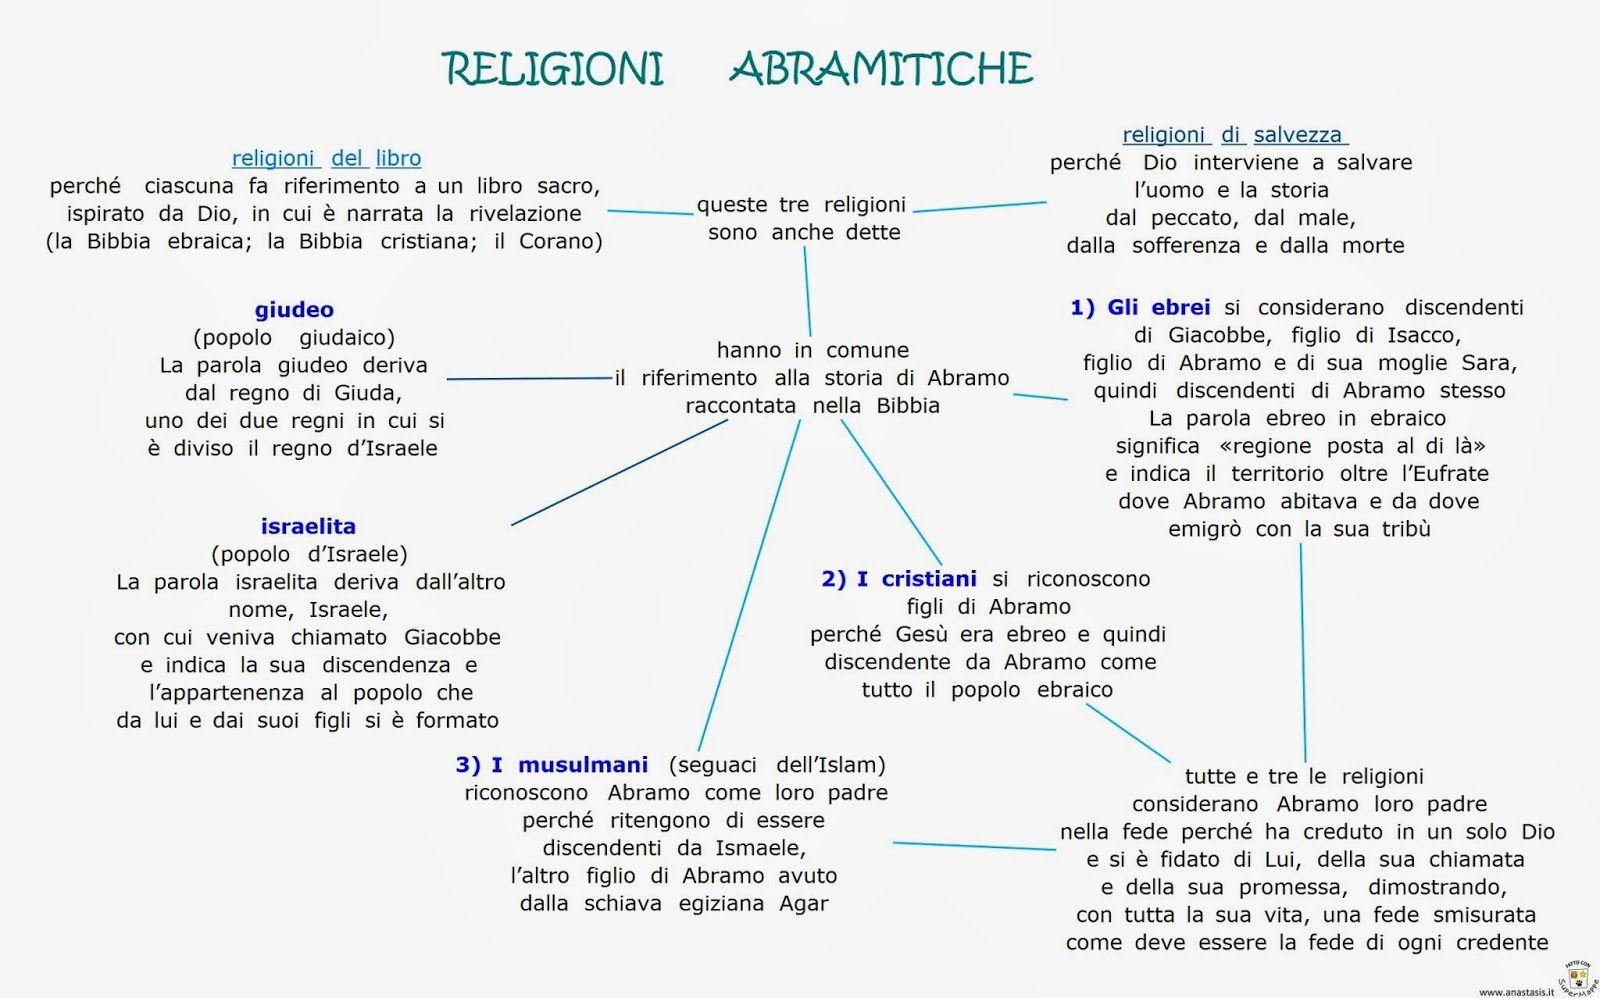 Cartina Del Mondo Con Le Diverse Religioni.Paradiso Delle Mappe Religione 1 Media Religione L Insegnamento Della Religione Classe Terza Elementare